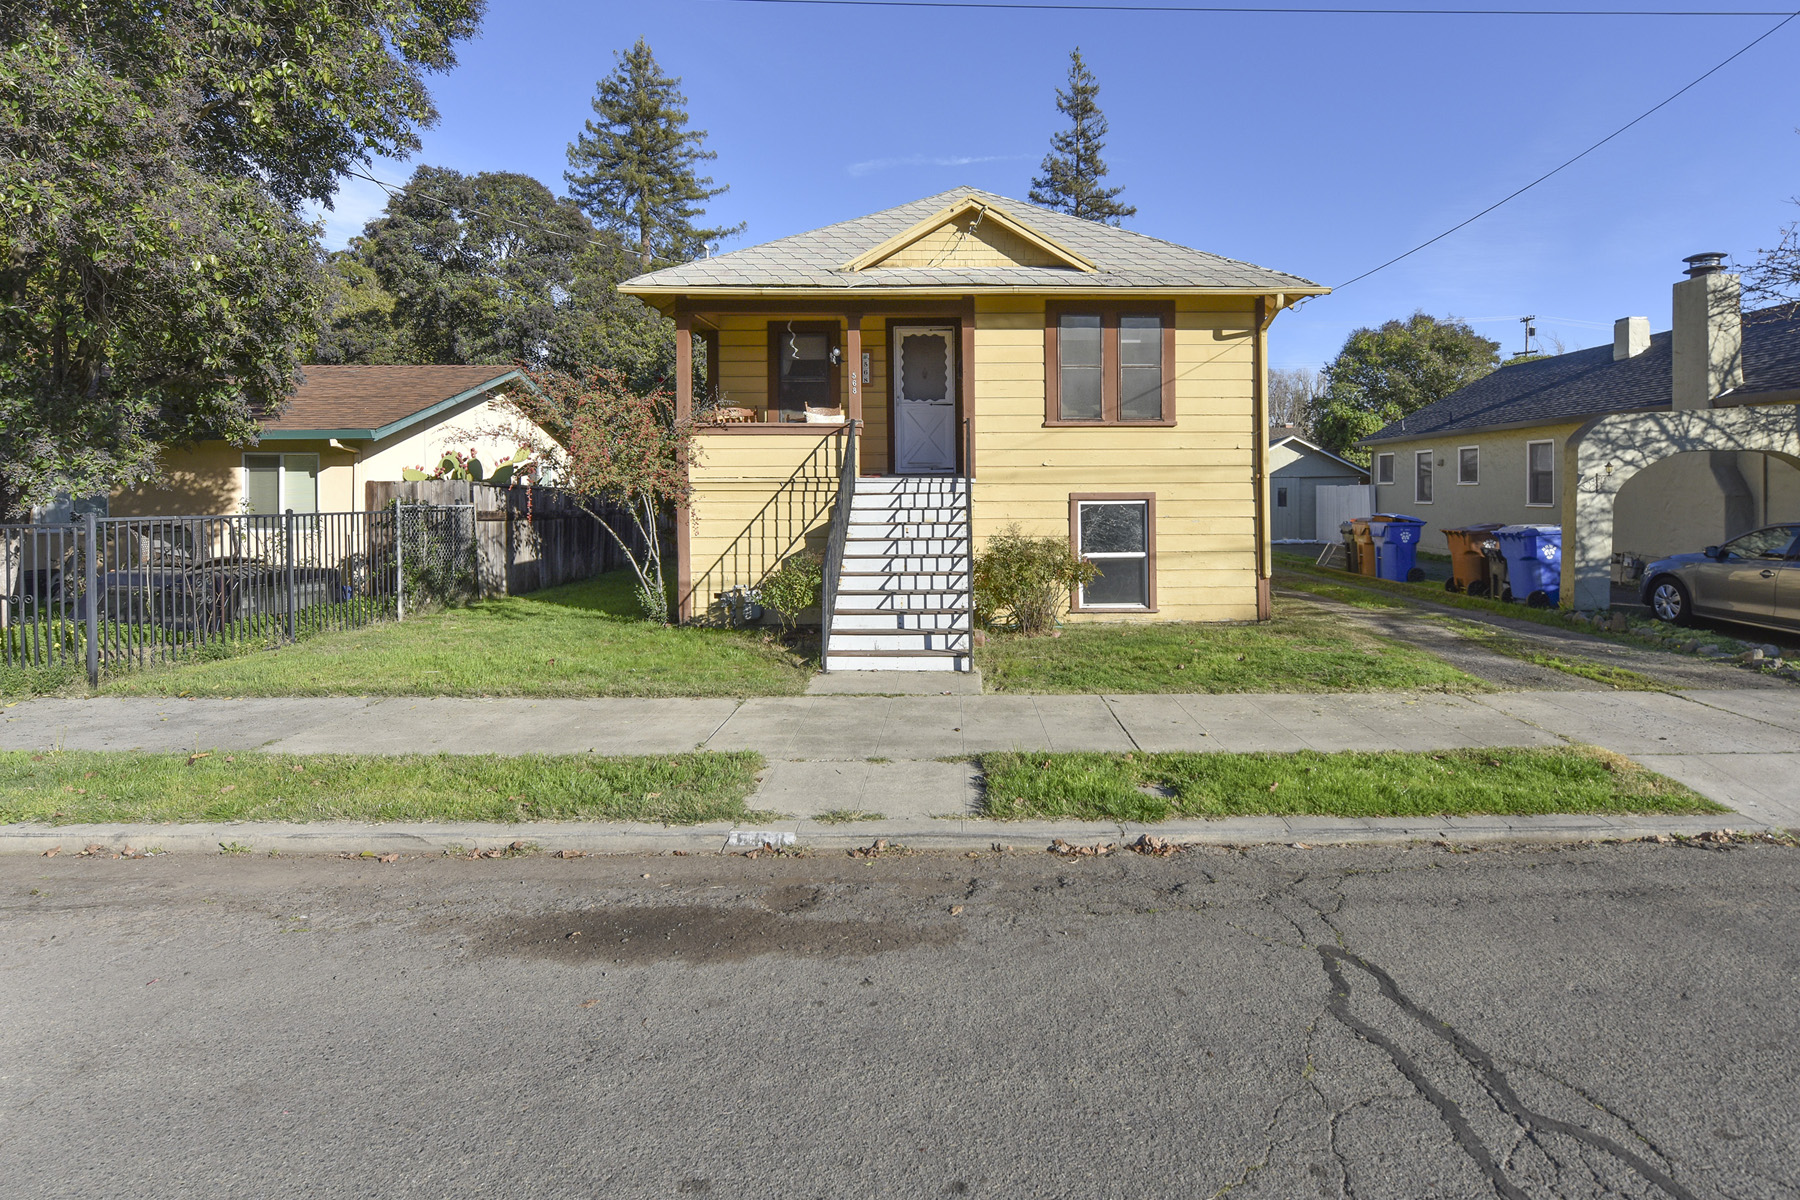 Частный односемейный дом для того Продажа на An Inspirational Vintage Home 568 Madison Street Napa, Калифорния 94559 Соединенные Штаты